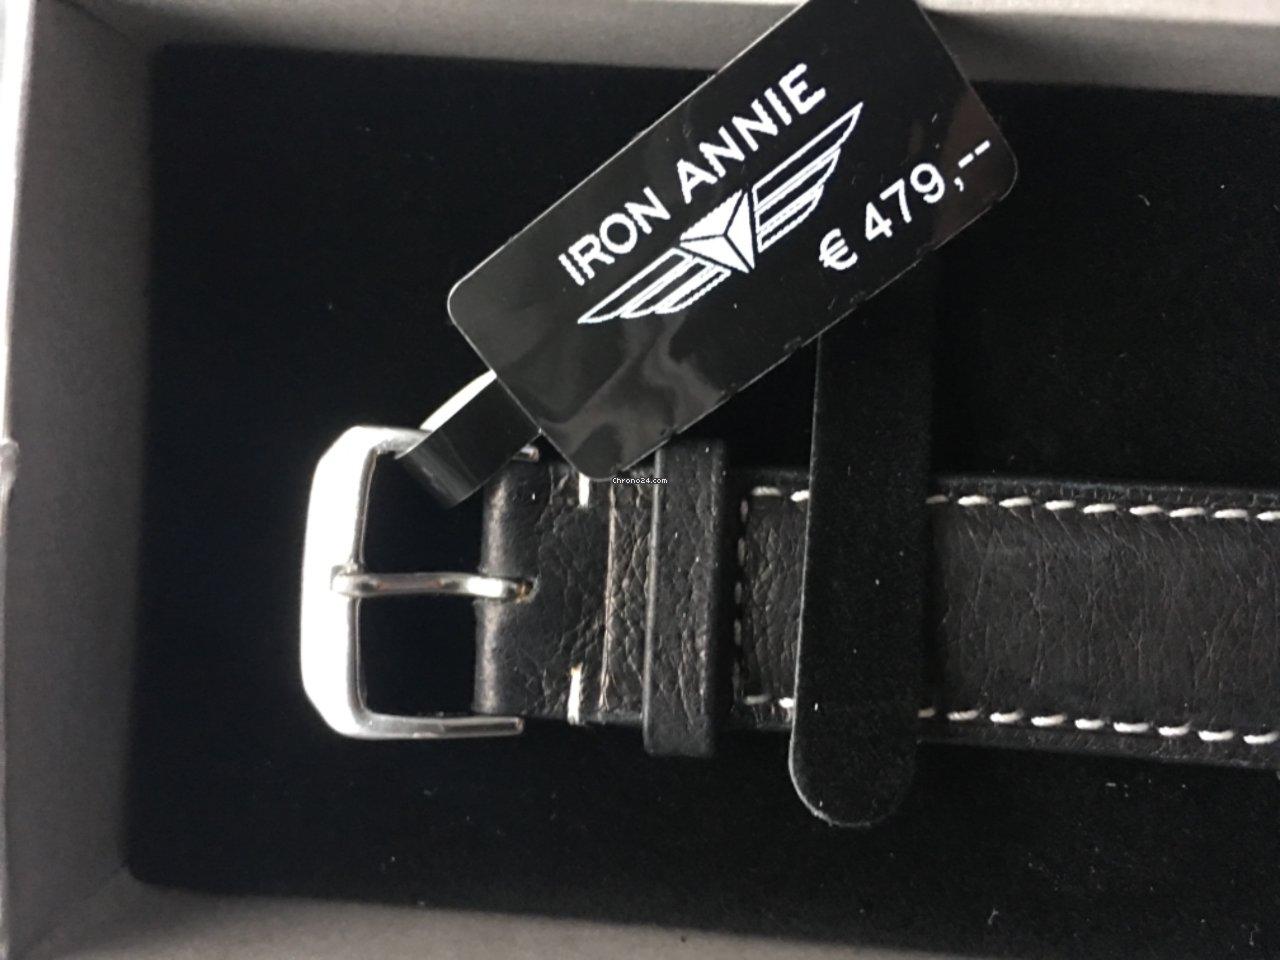 Junkers Iron annie eladó 111 701 Ft Magáneladó státuszú eladótól a  Chrono24-en 38bcd9bf82